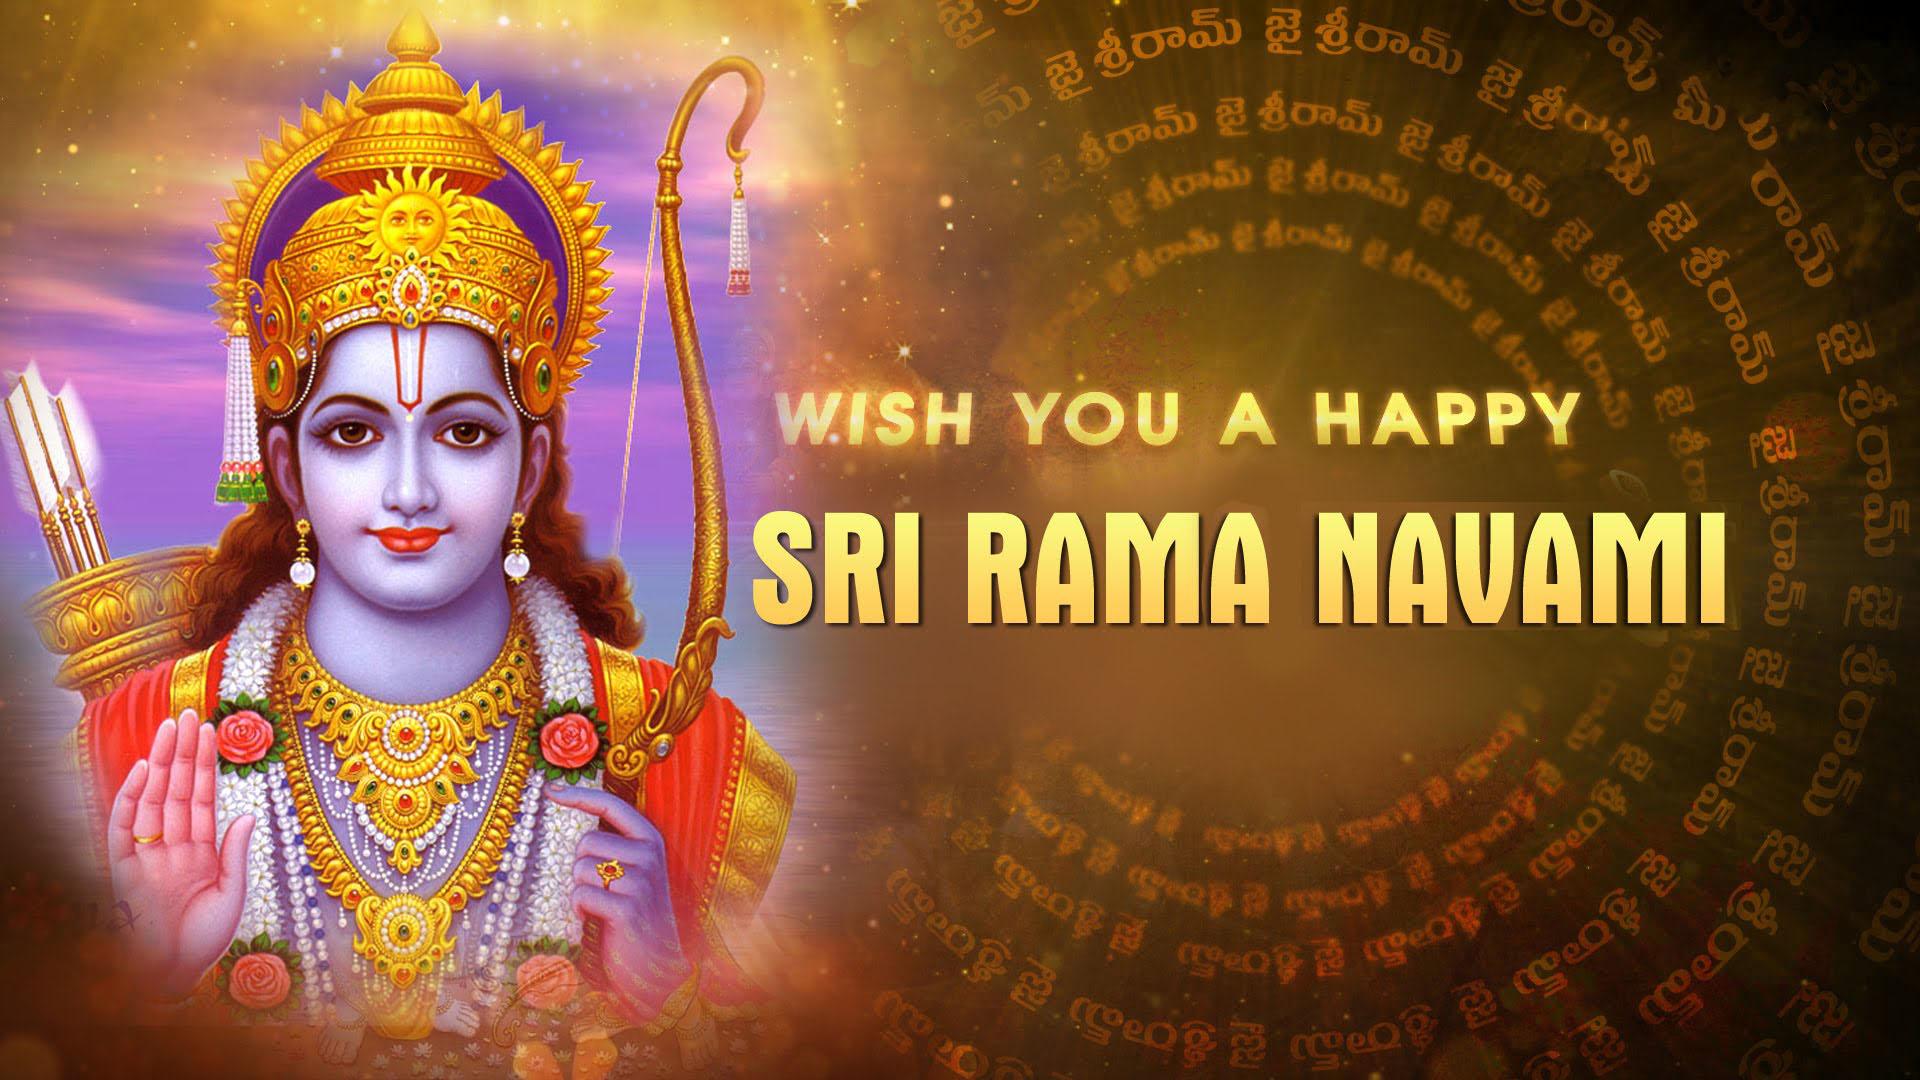 Ram Navami Image Download